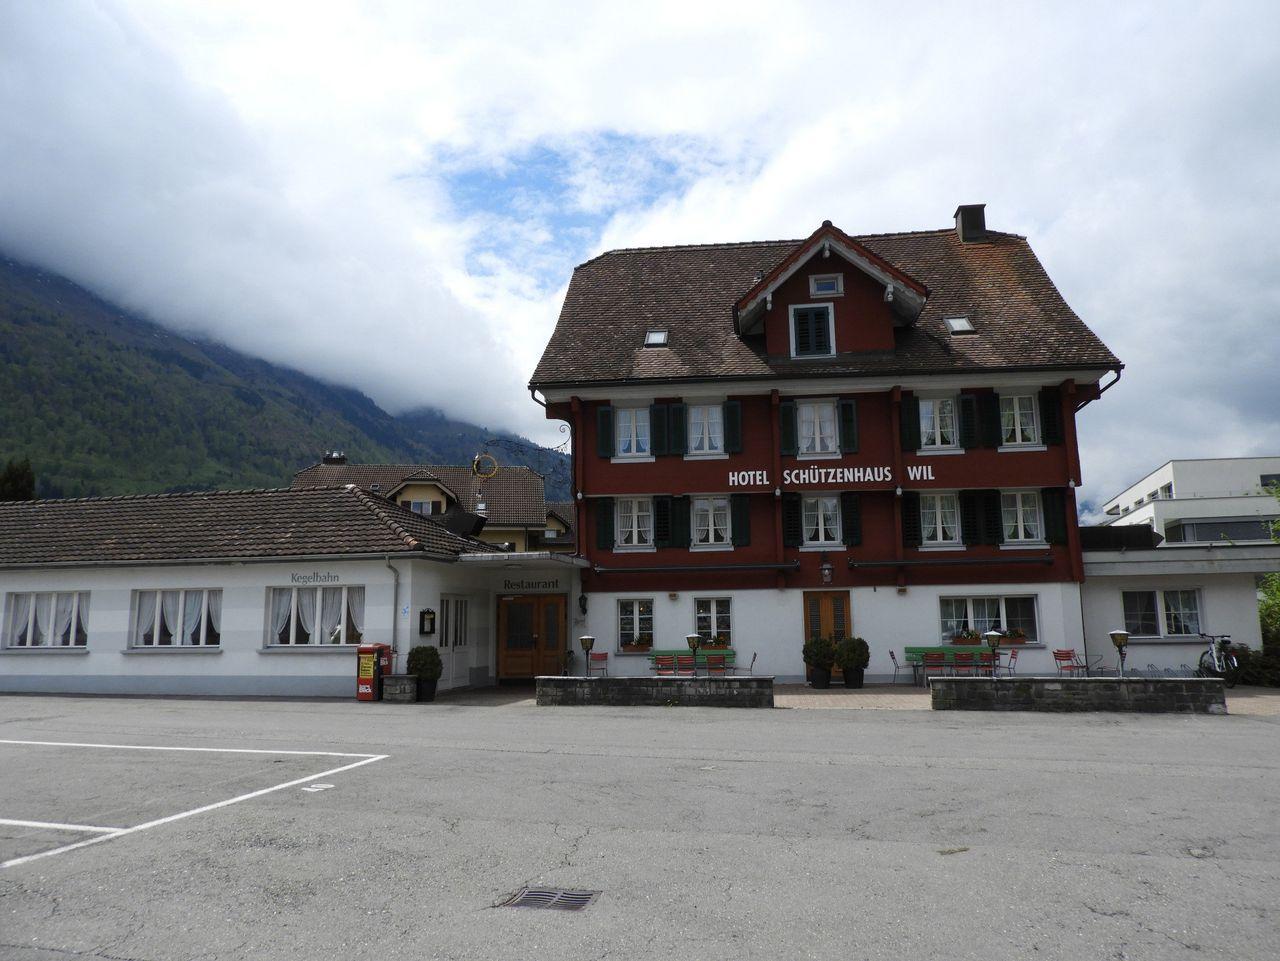 Gasthof Schützenhaus Wil, Oberdorf